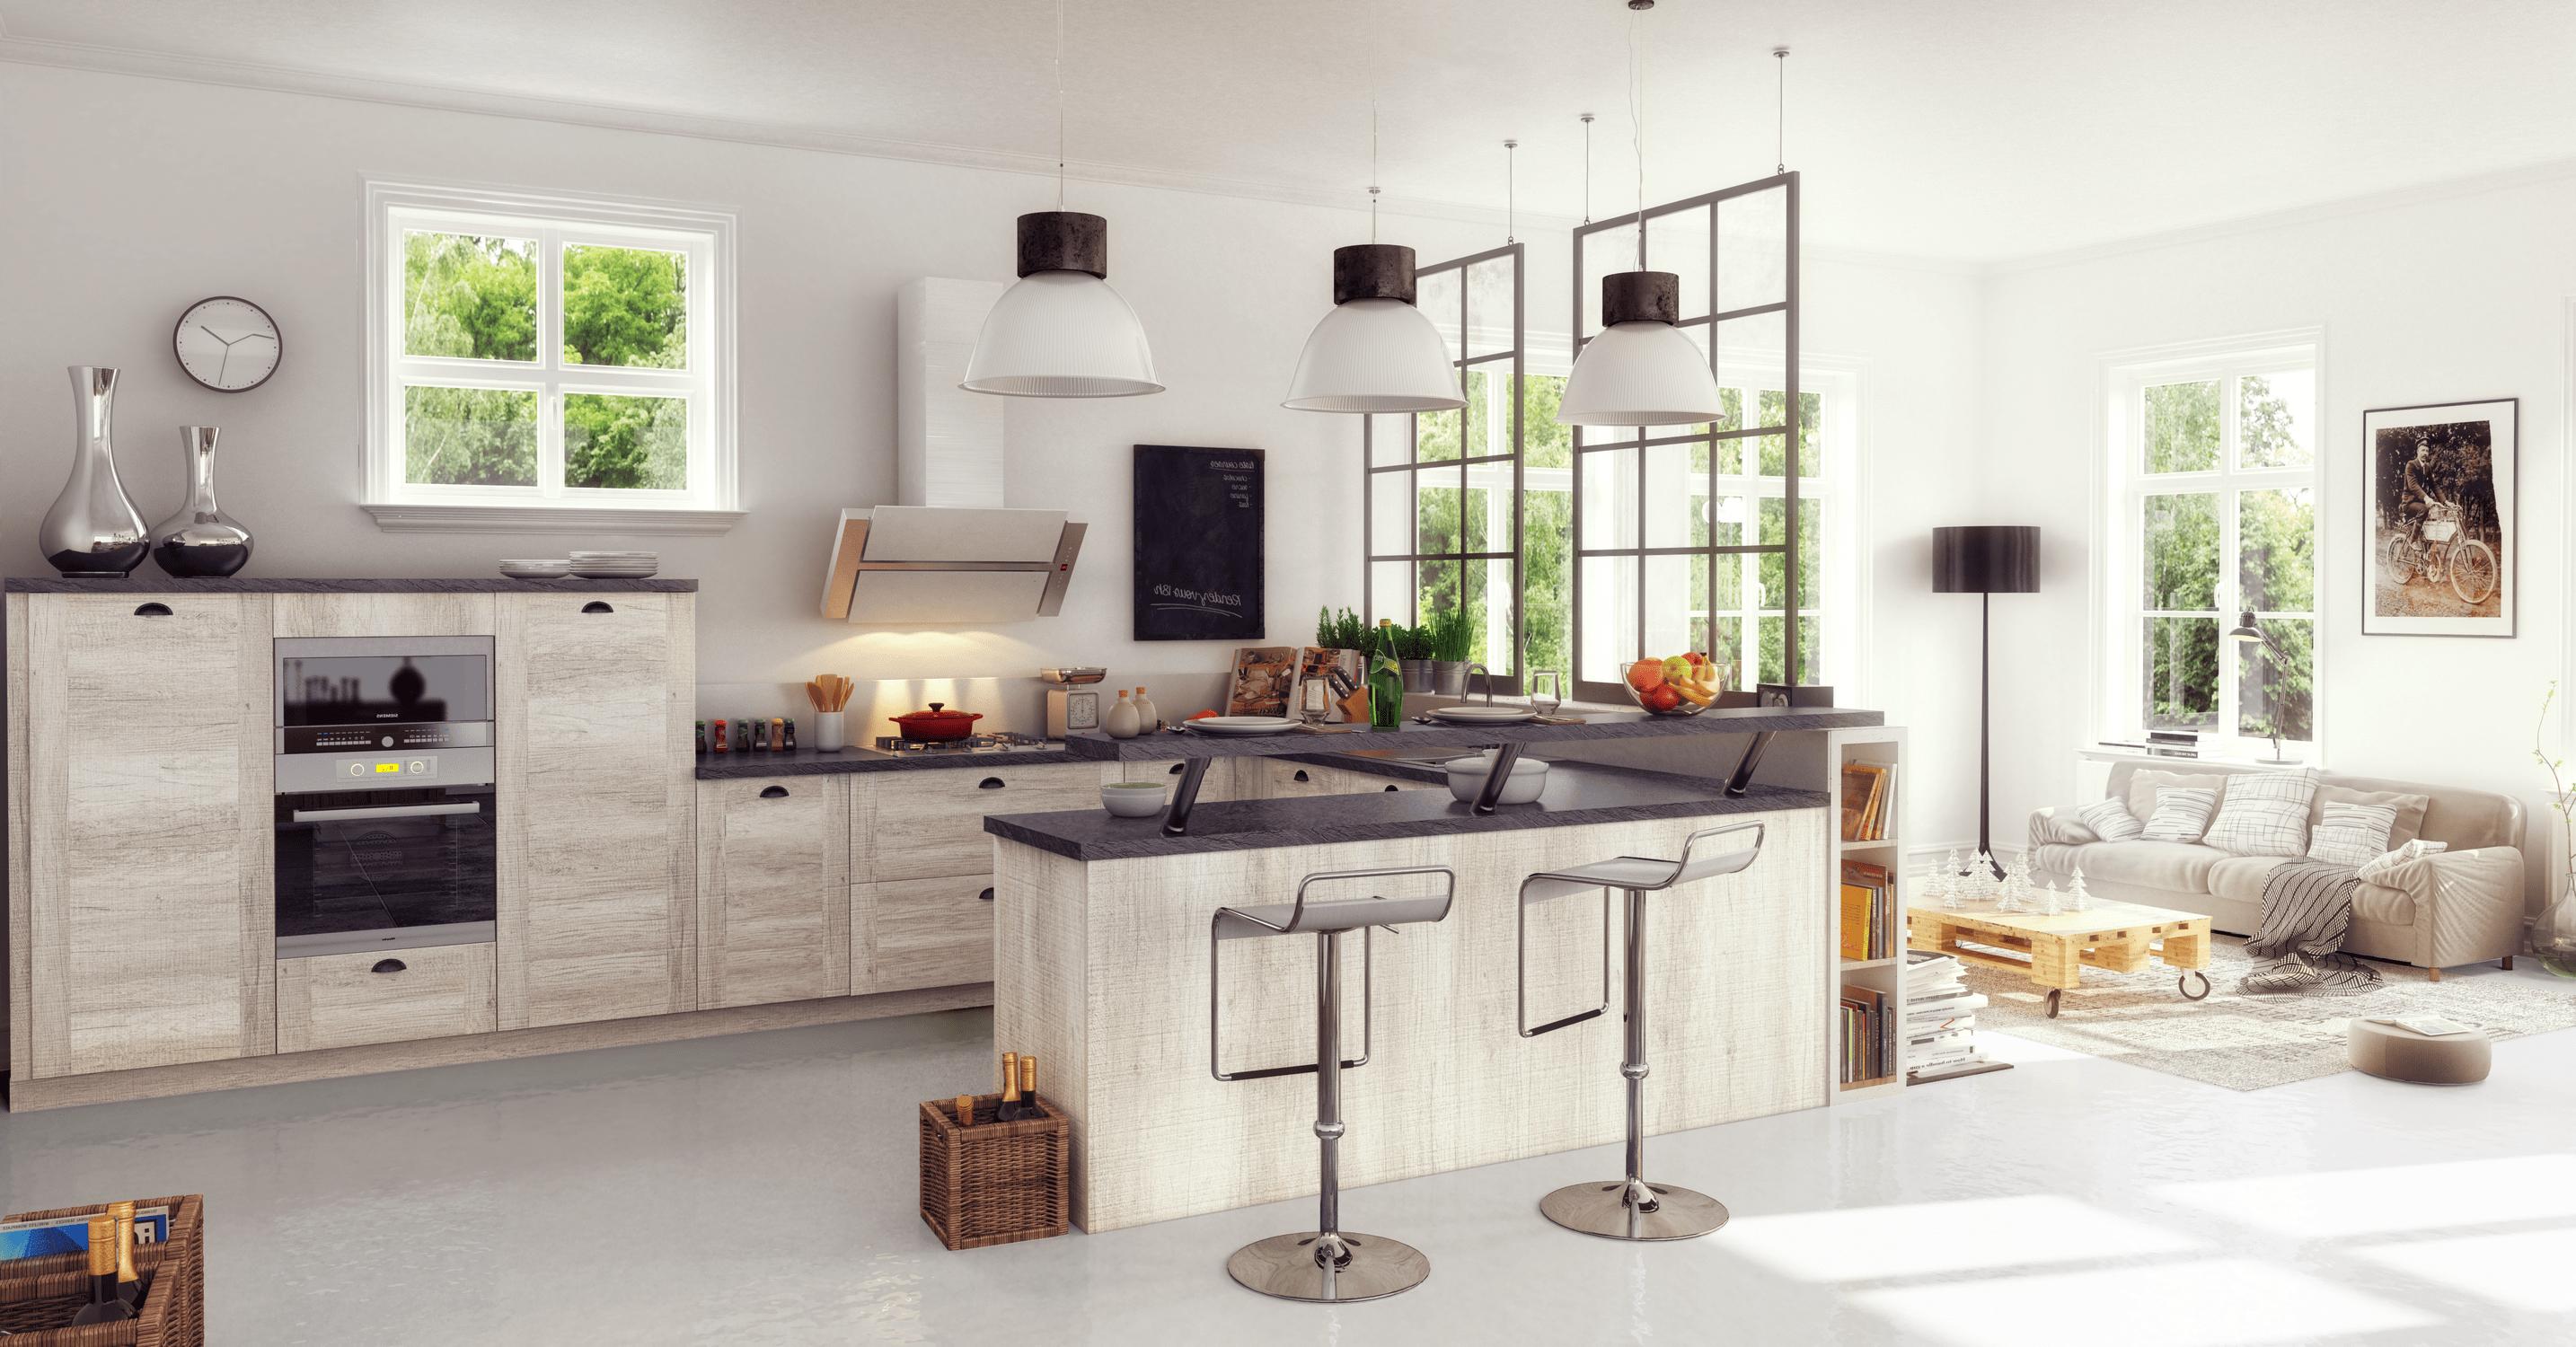 Cuisine Moderne Avec Ilot Fm15: Une Gamme Complète De Cuisines équipées Aux Portes De